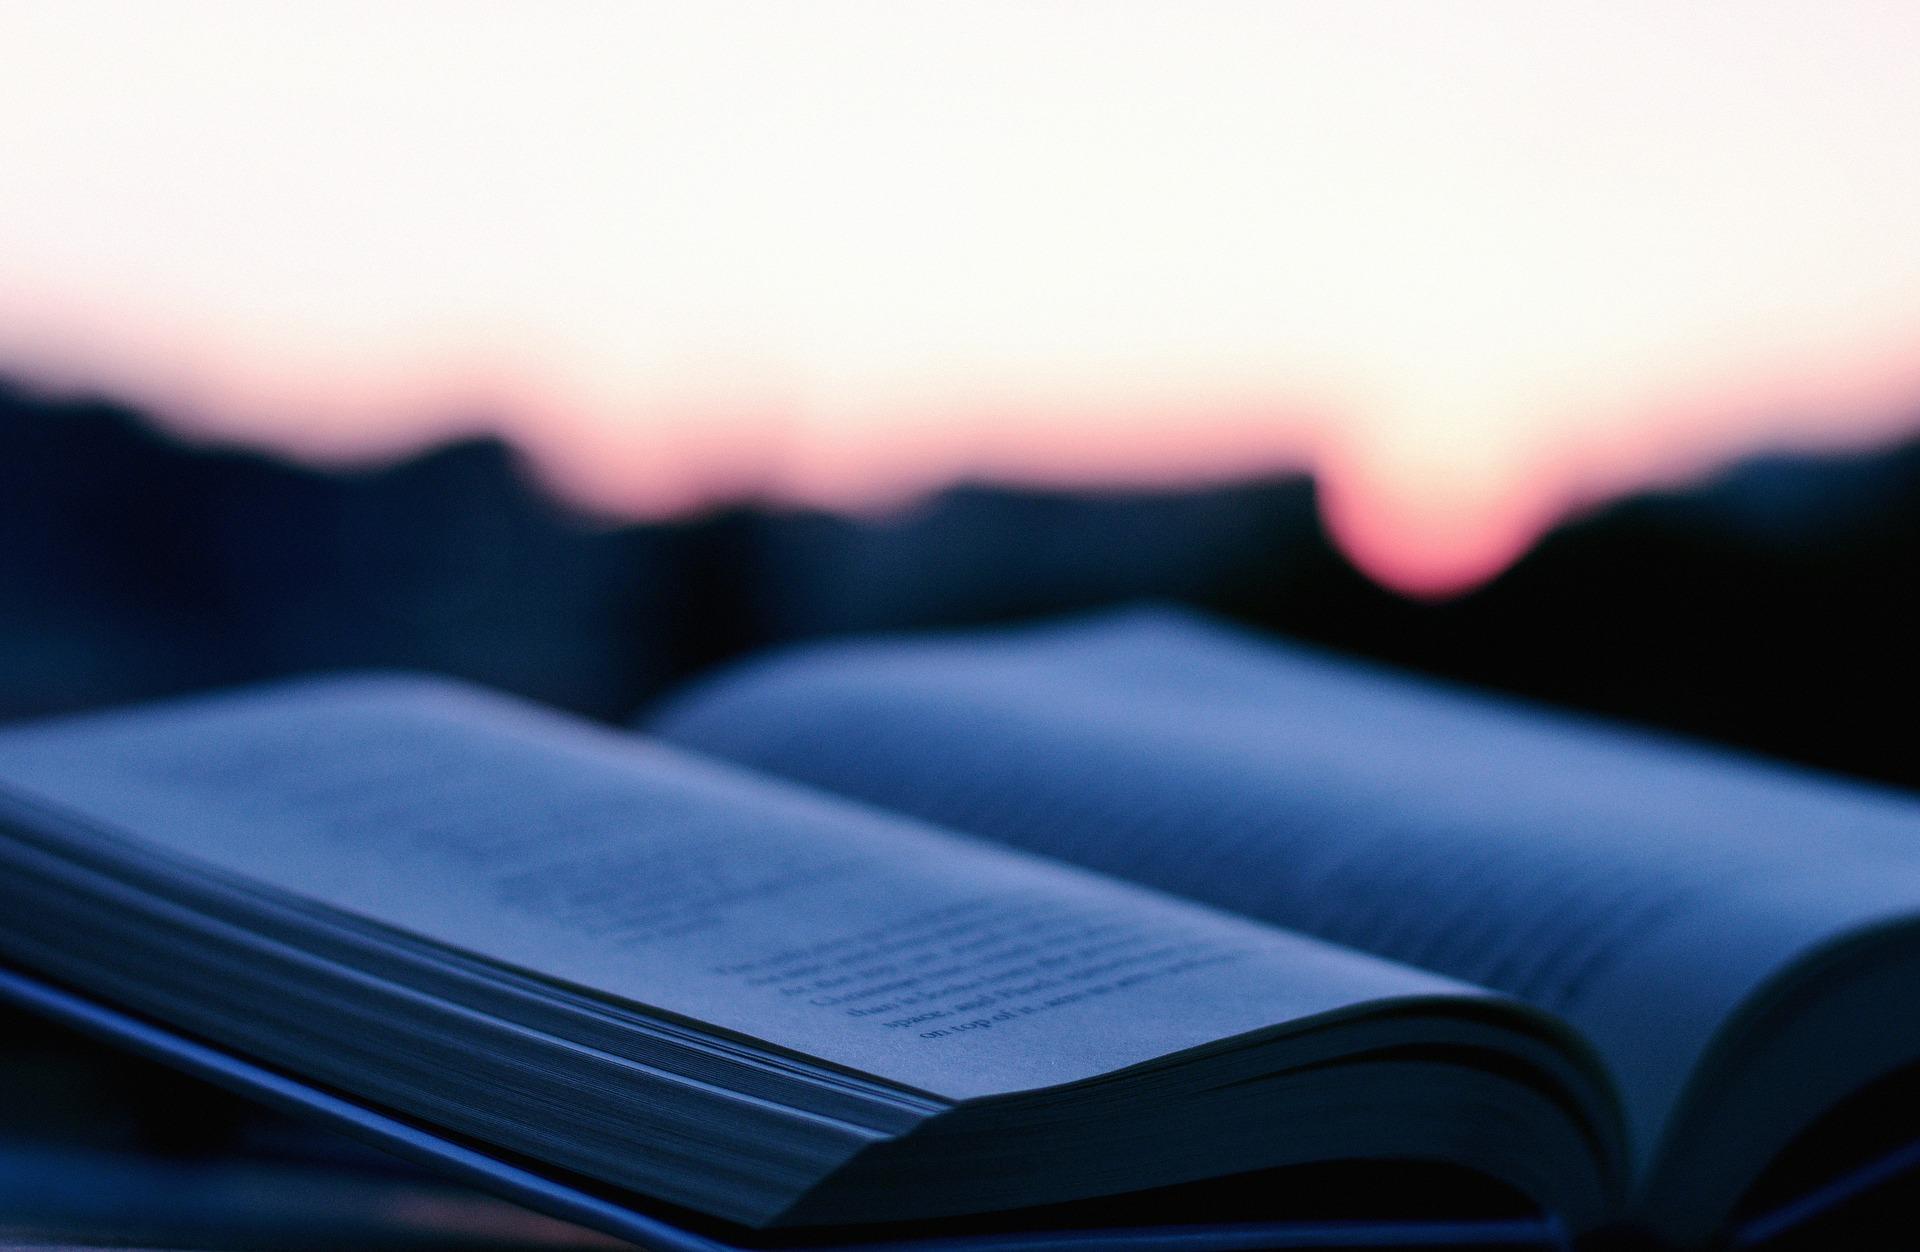 Blå bakgrundsbild, bok